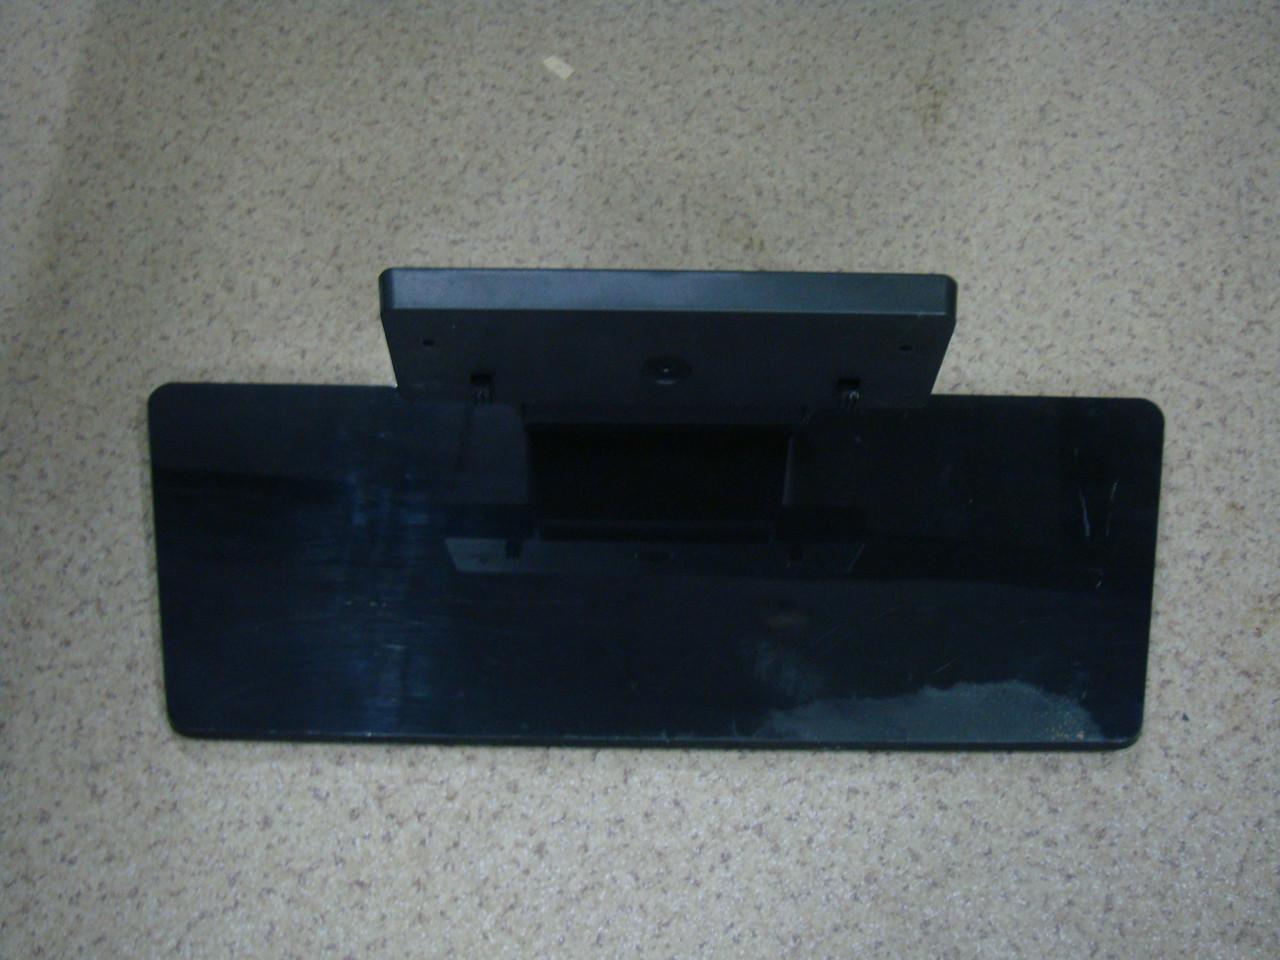 Підставка для телевізора LG 40LF630V